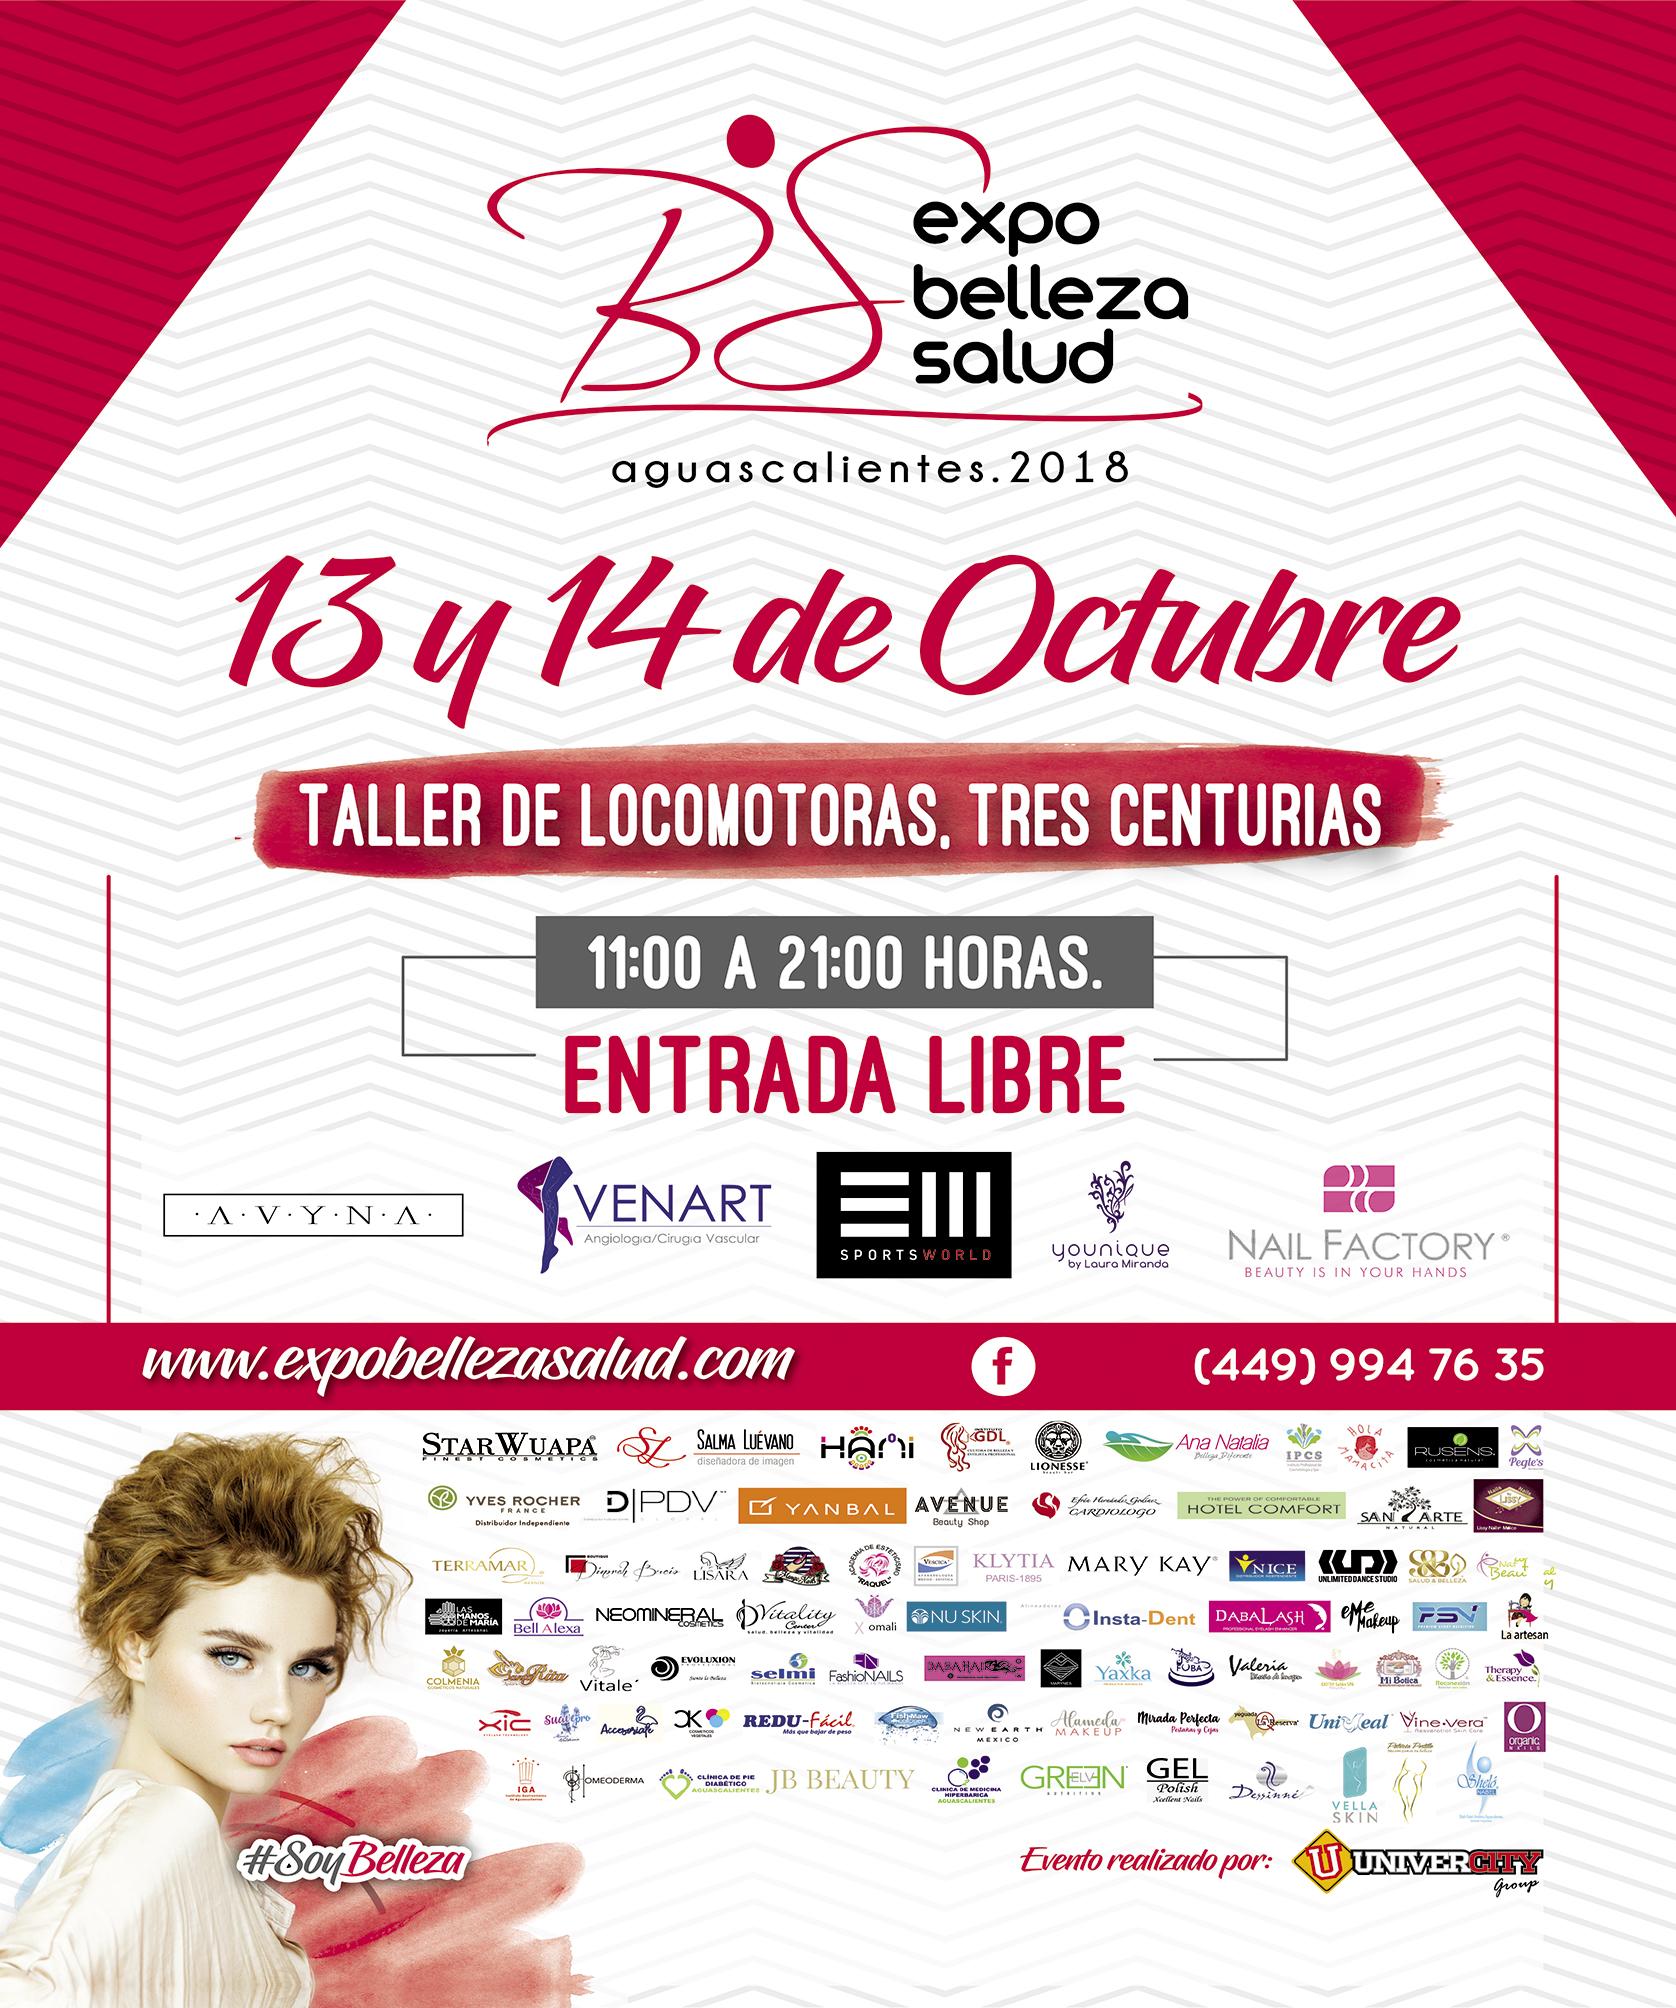 EXPO BELLEZA